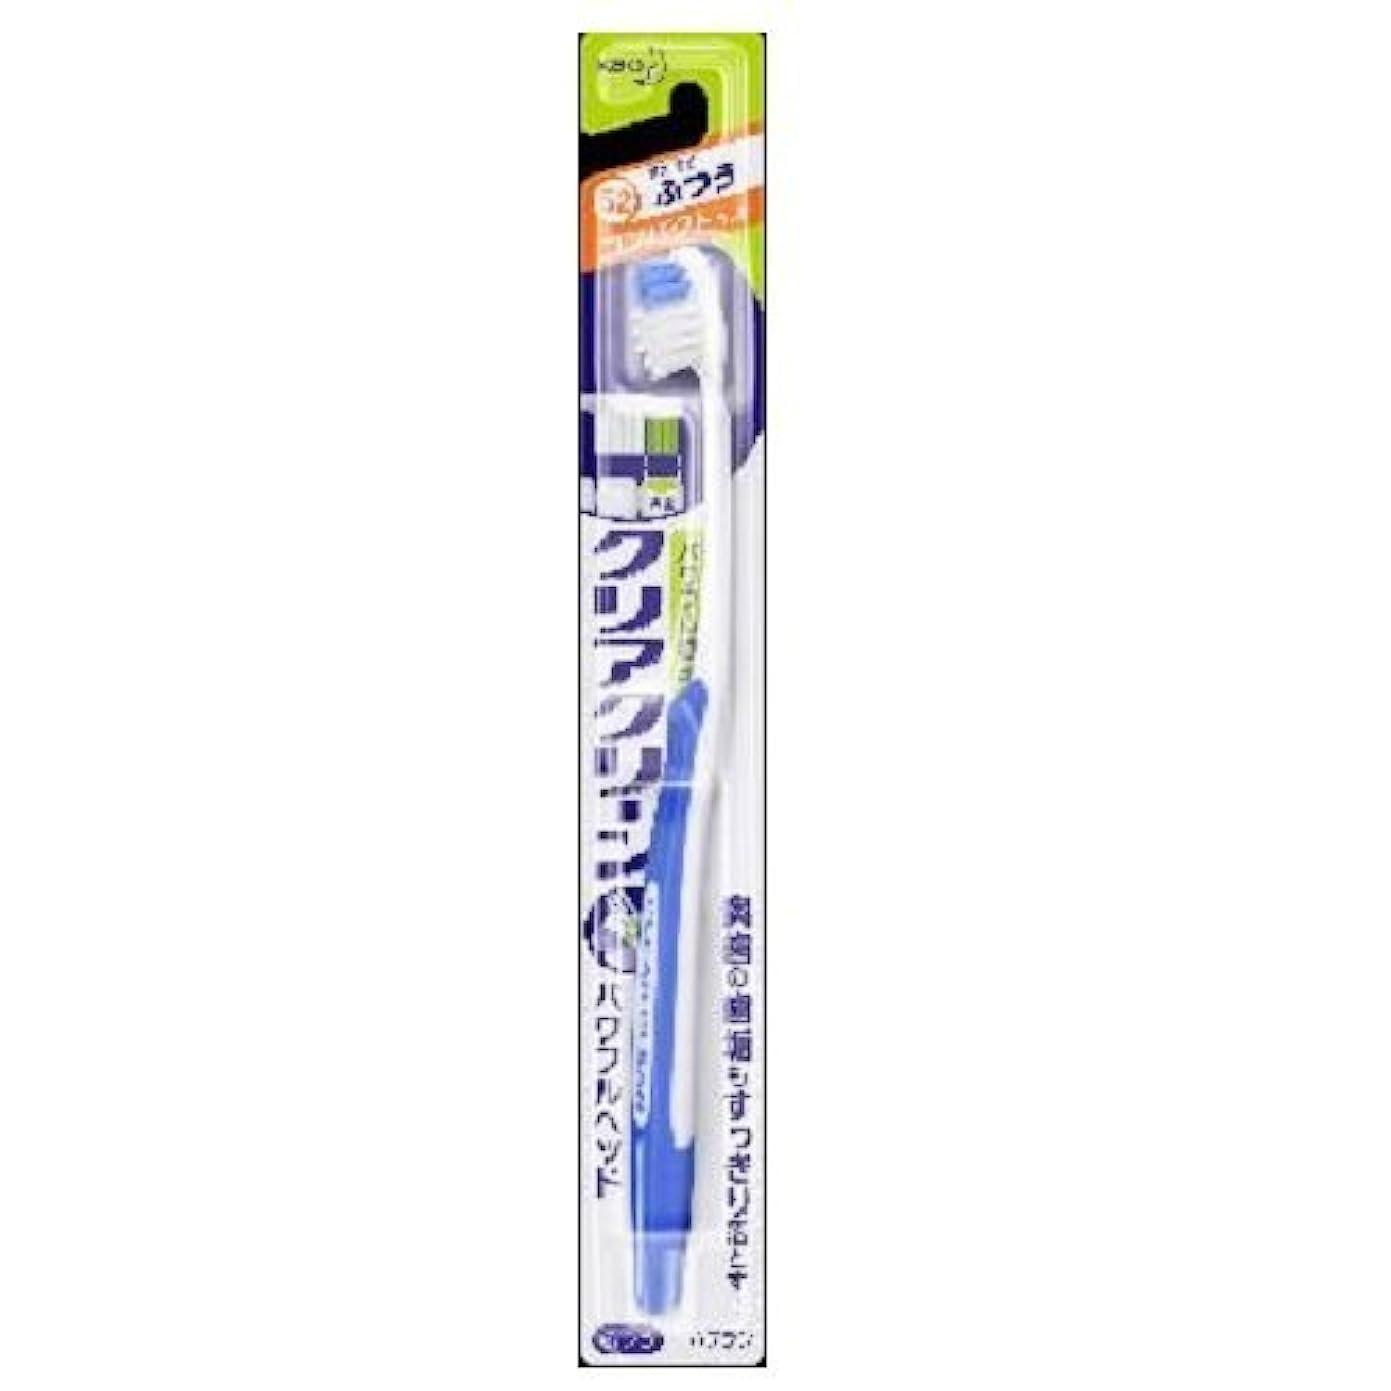 肥沃な均等に代わりの【まとめ買い】クリアクリーン 歯ブラシ パワフルヘッド ふつう ×2セット